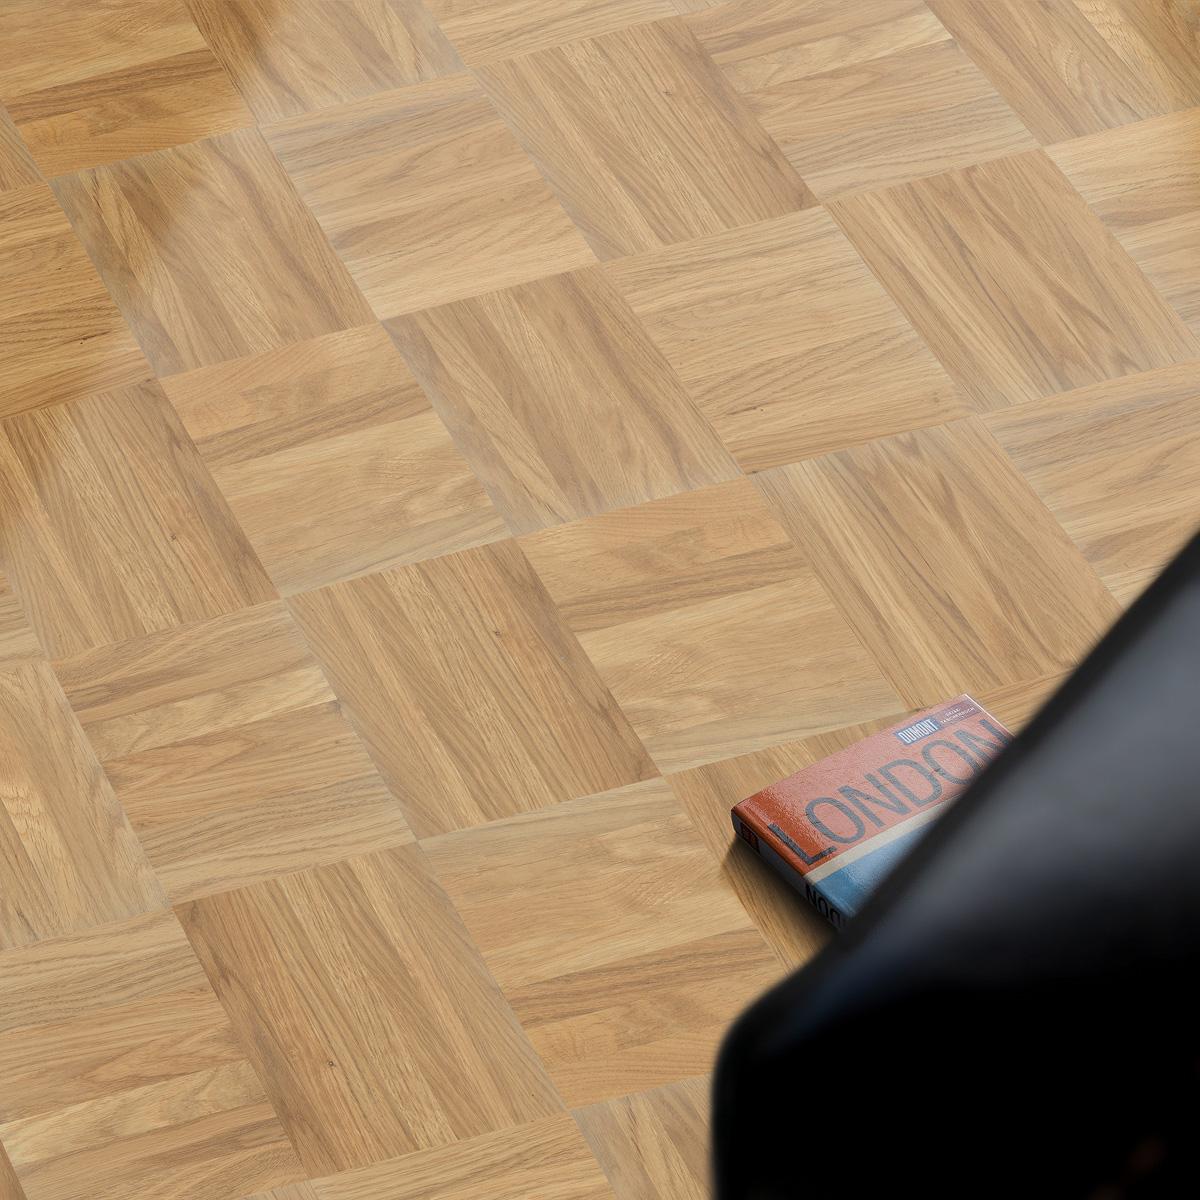 klebeparkett eiche aktion karo unbehandelt der boden online shop aus sterreich. Black Bedroom Furniture Sets. Home Design Ideas